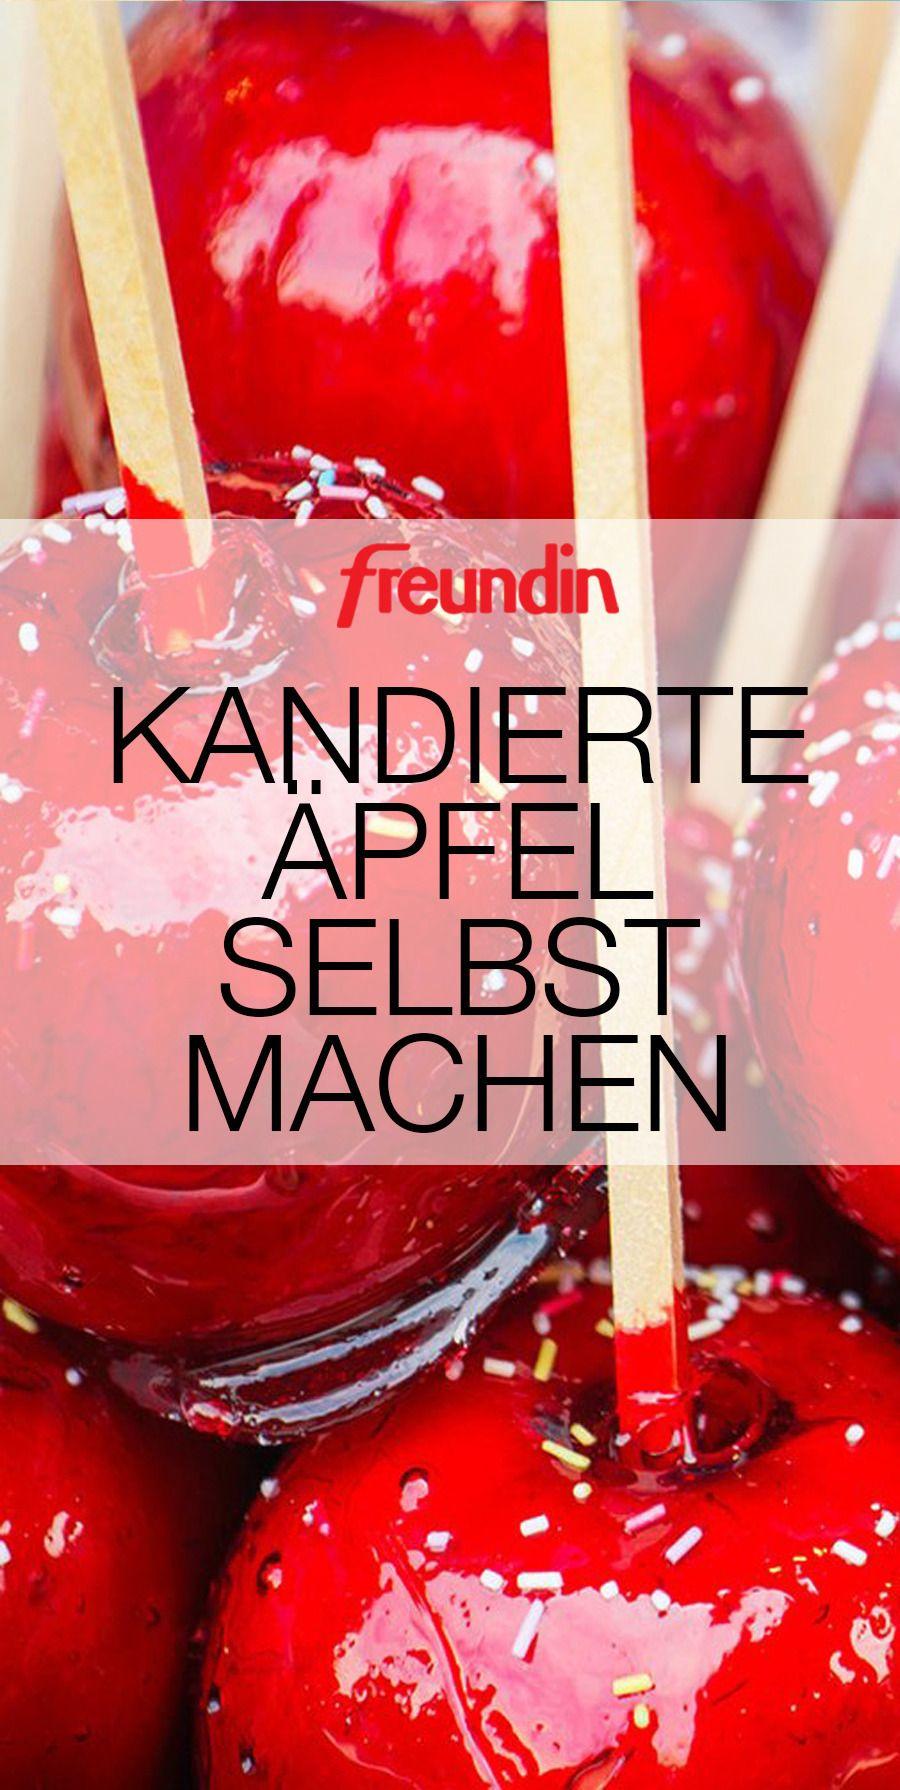 Kandierte Äpfel selbst machen | freundin.de